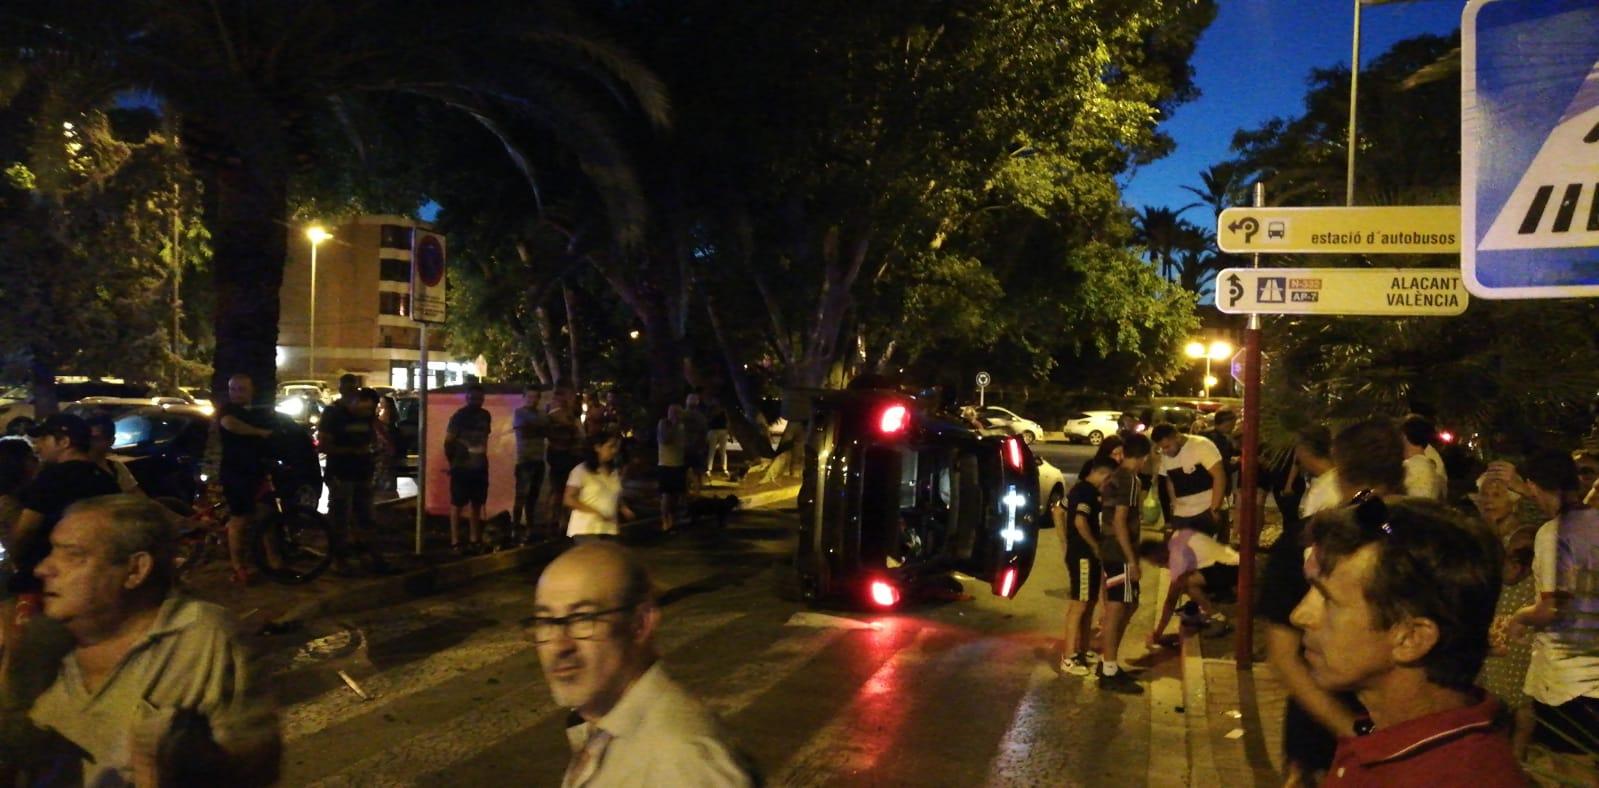 Accident davant Casa de la Cultura